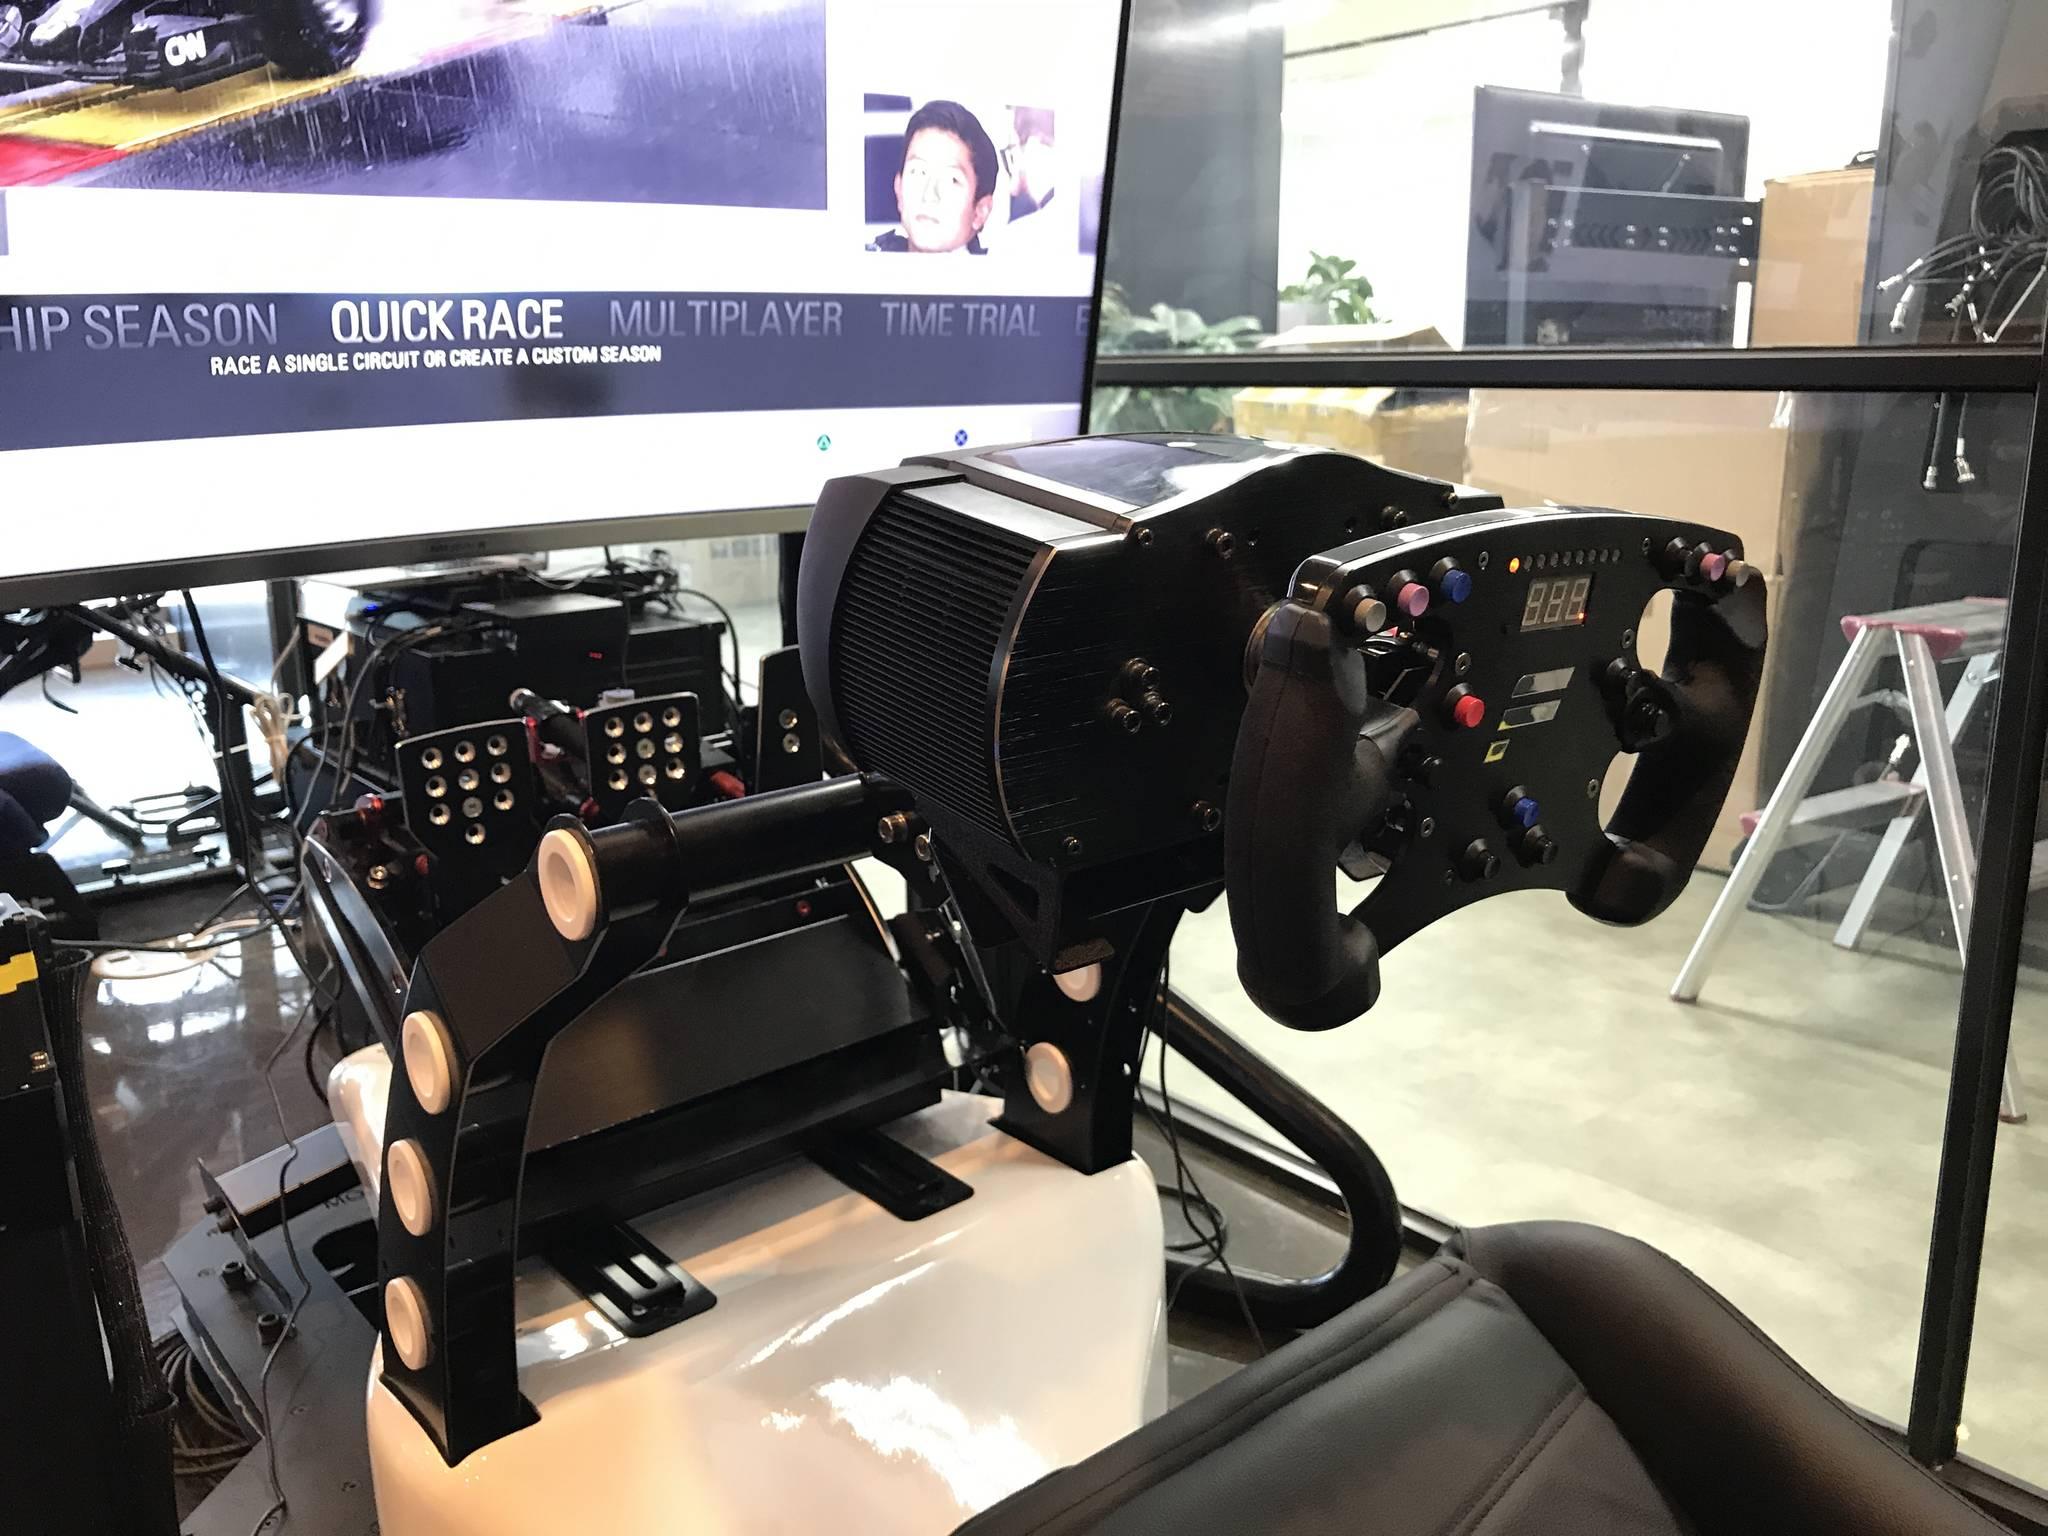 20만원대에서 3000만원대까지 다양한 종류의 시뮬레이터가 판매되고 있다. 박상욱 기자